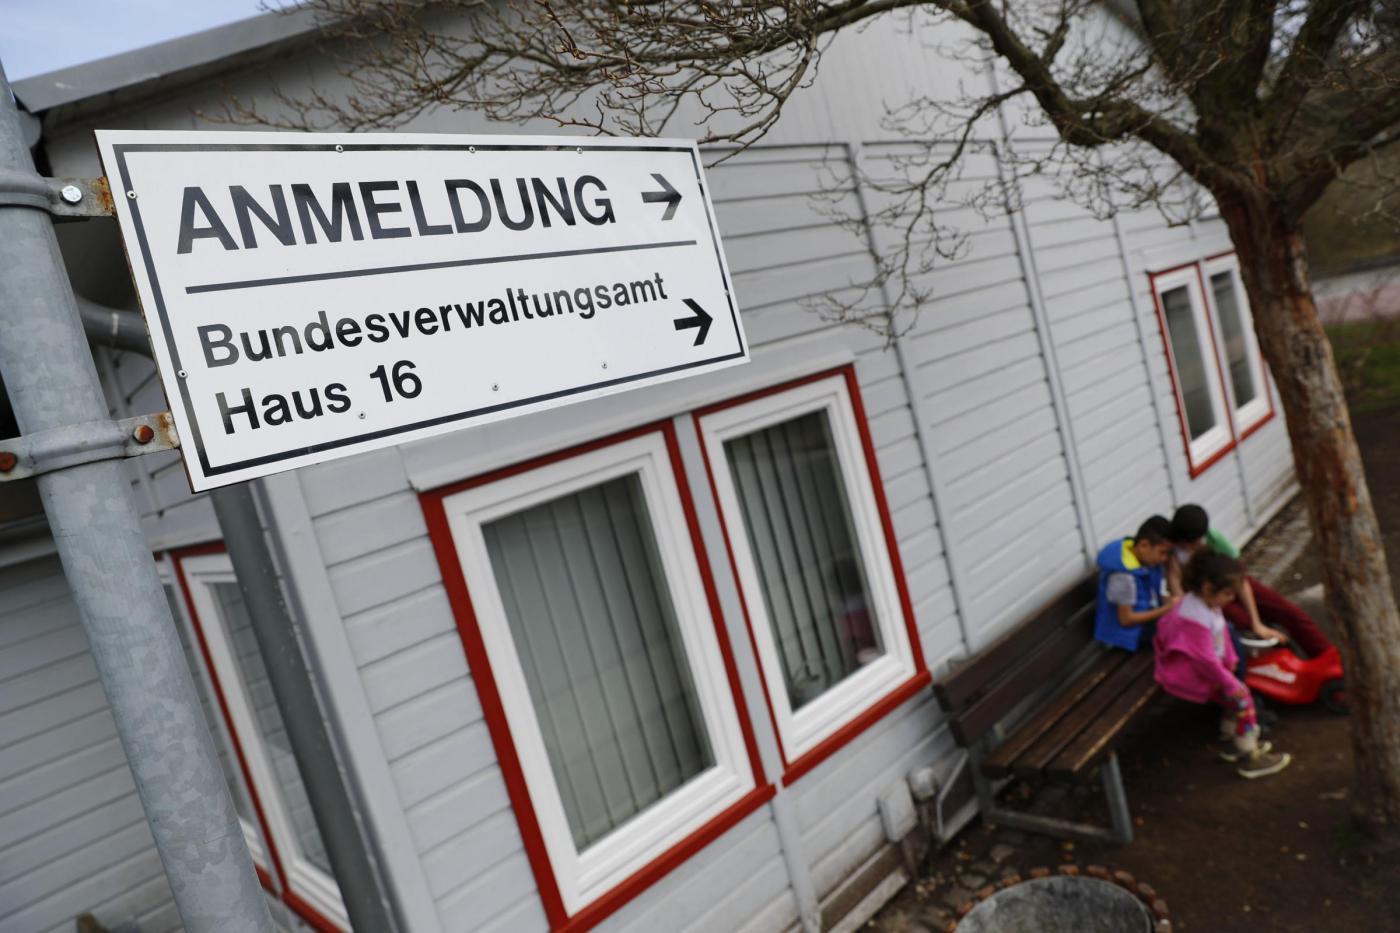 Germania, migranti siriani arrivano al campo per rifugiati a Friedland